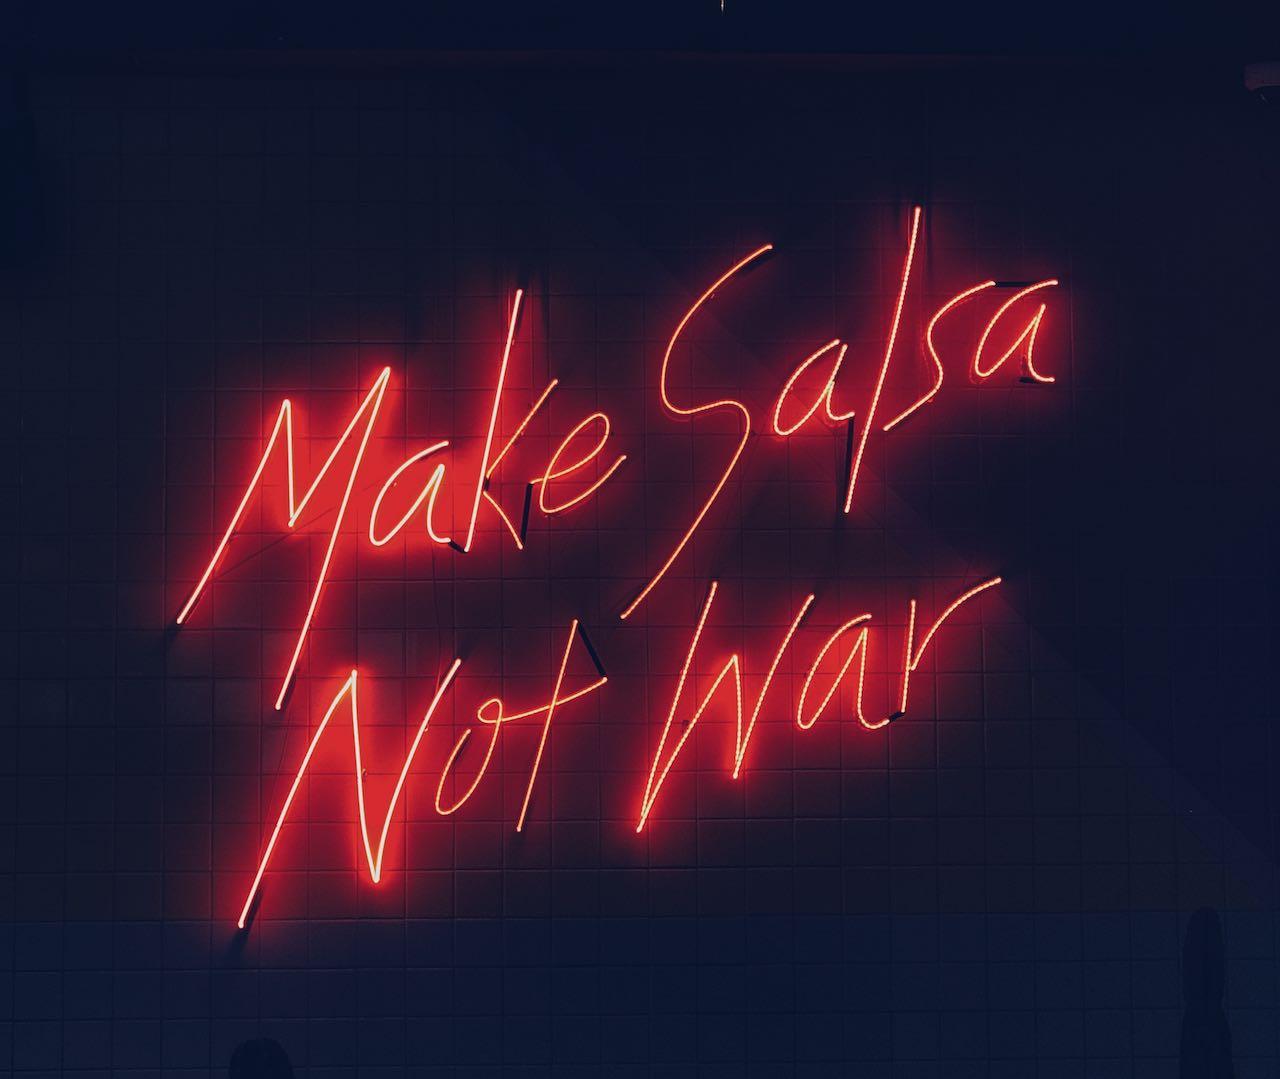 neon lights - Make Salsa not war